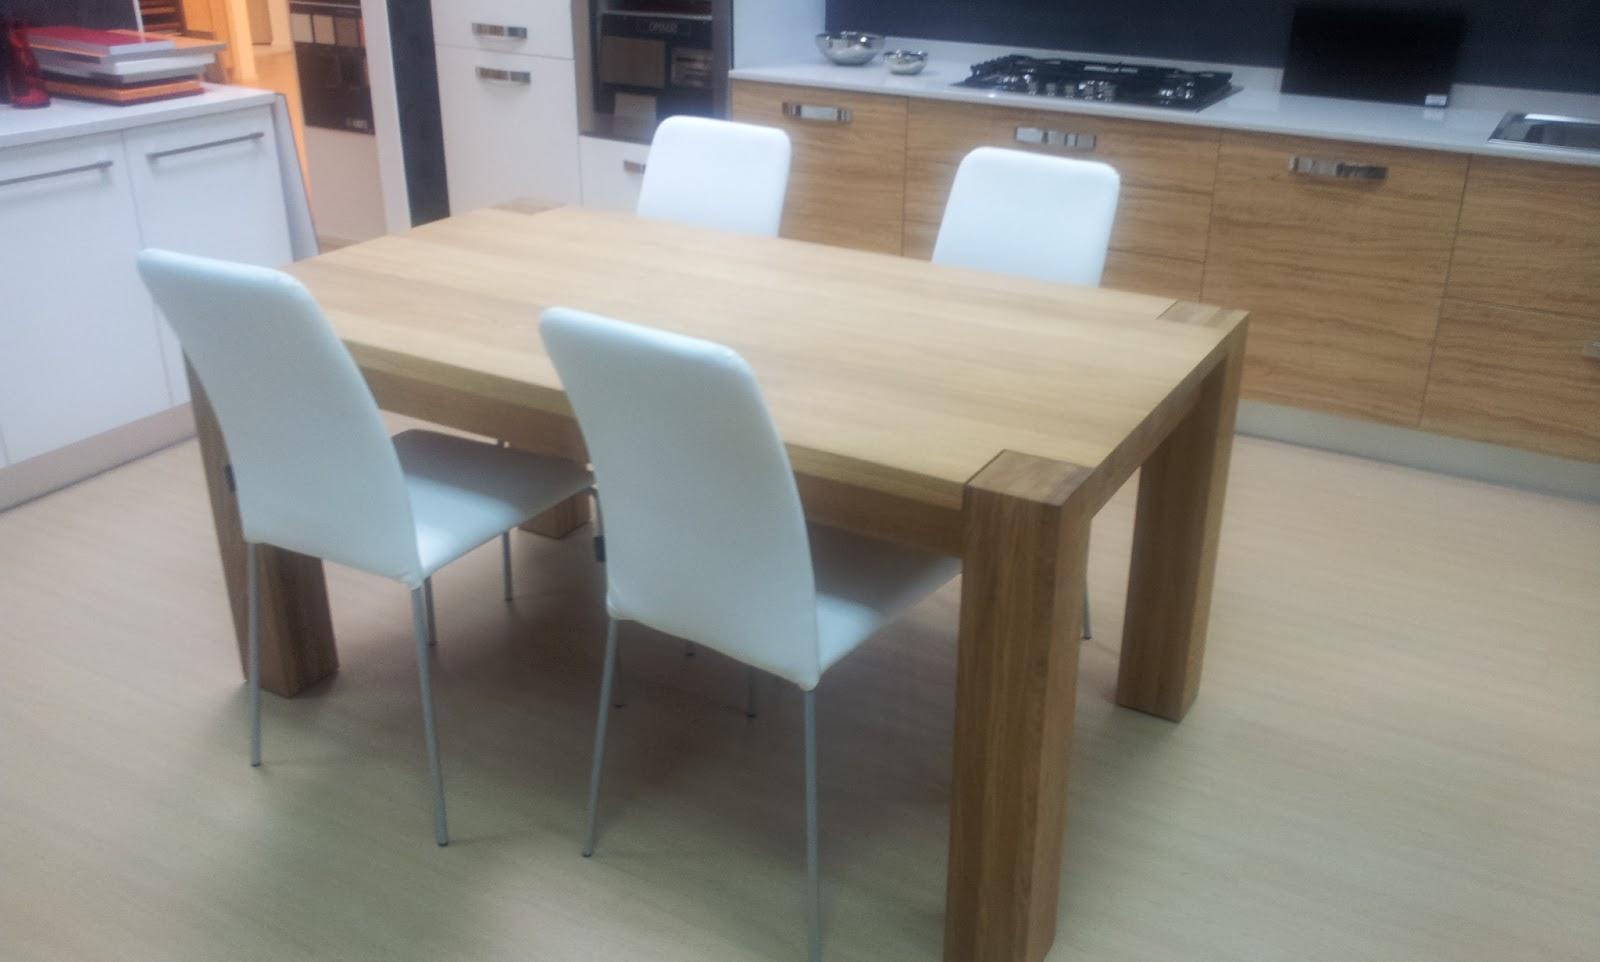 Casa dolce casa il tavolo della cucina for Tavolo cucina 120x60